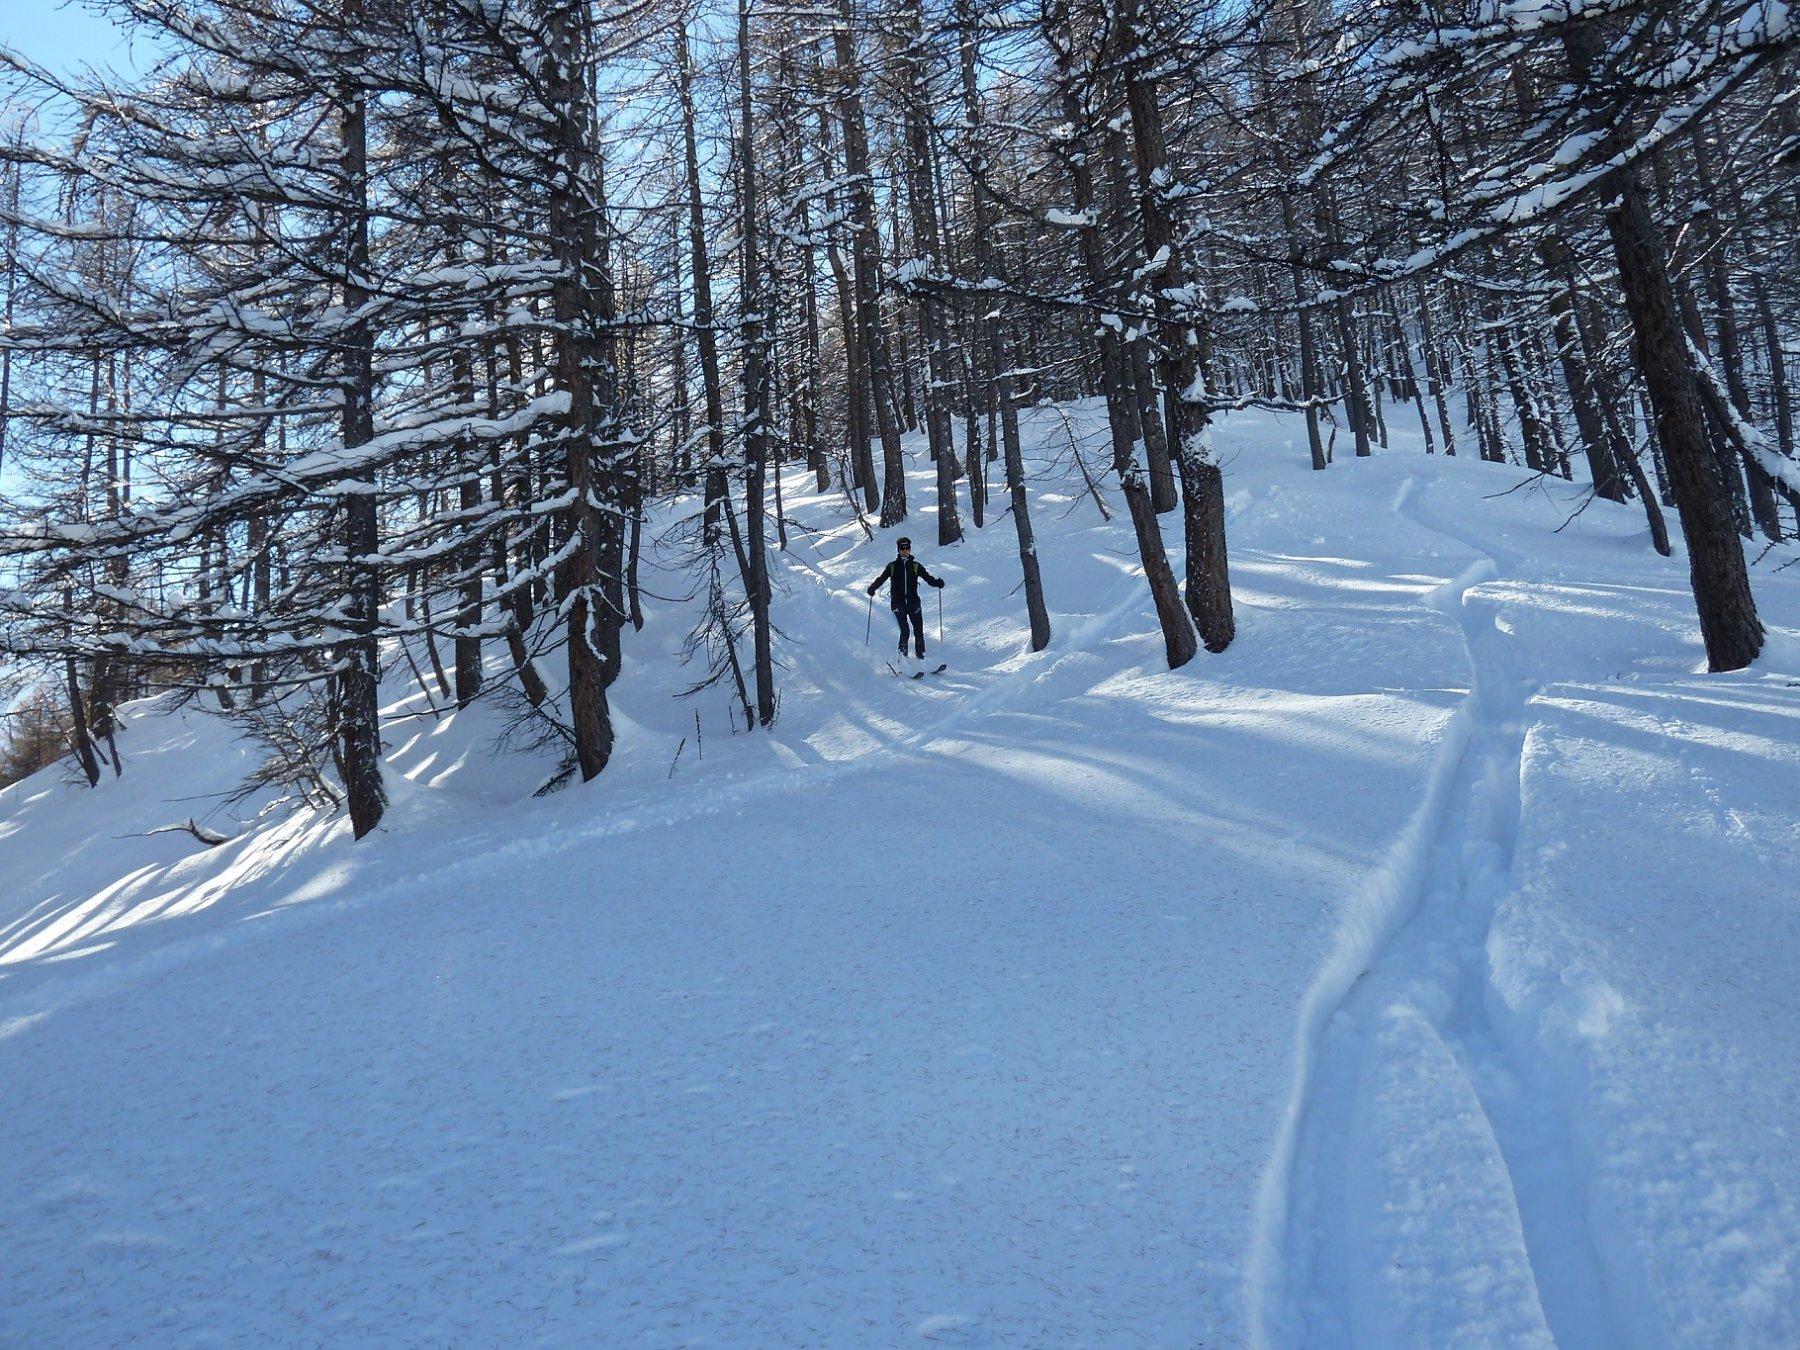 nel bosco tanta neve ma si curva bene